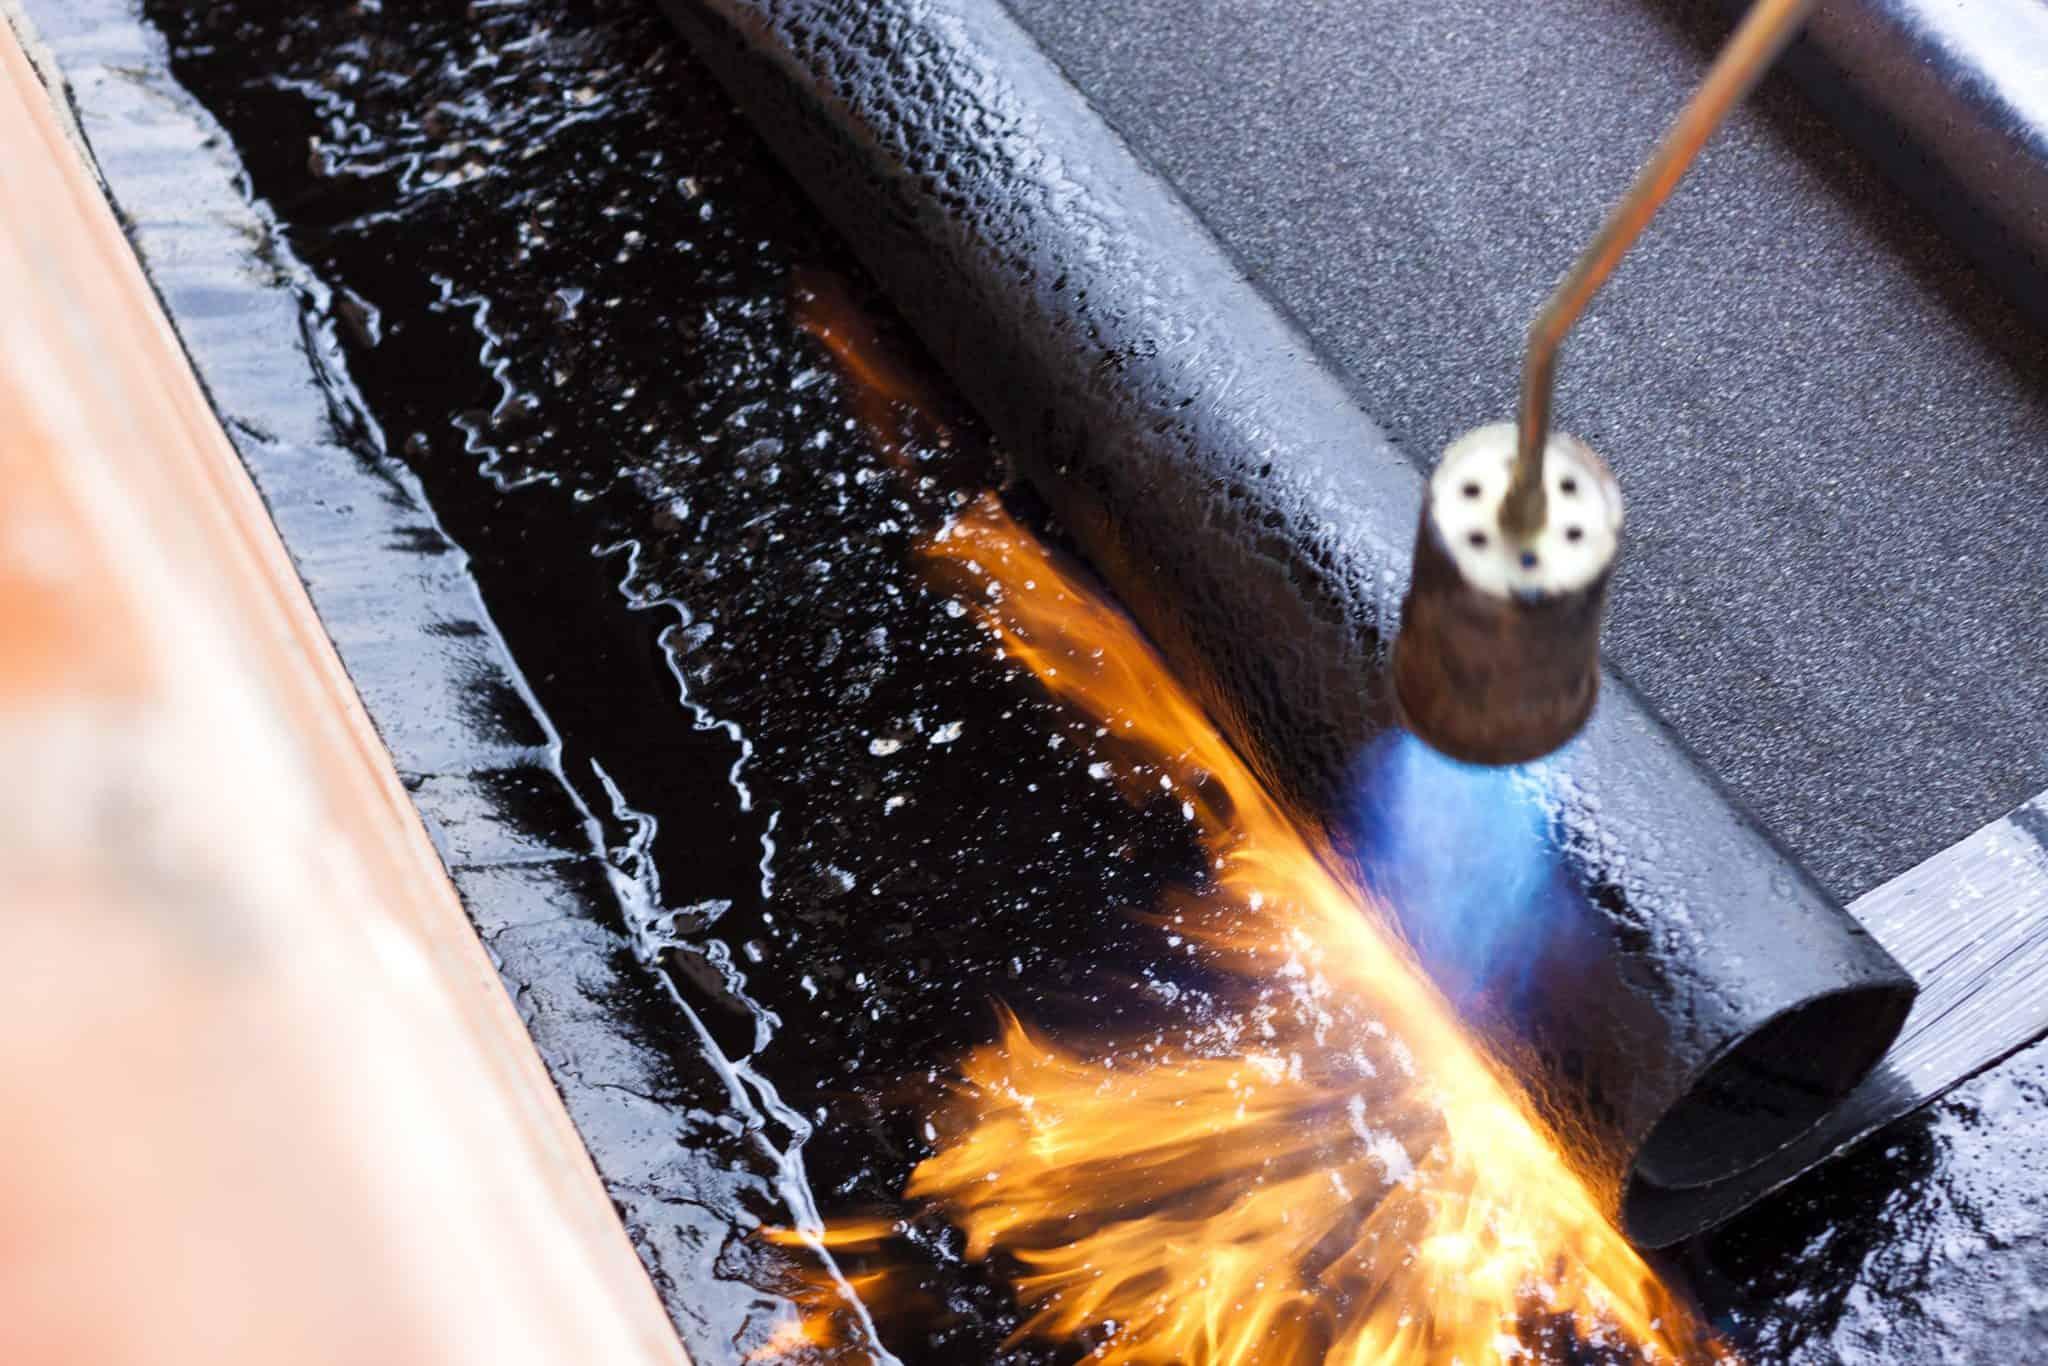 תיקון מערכת איטום לא תקינה בגג